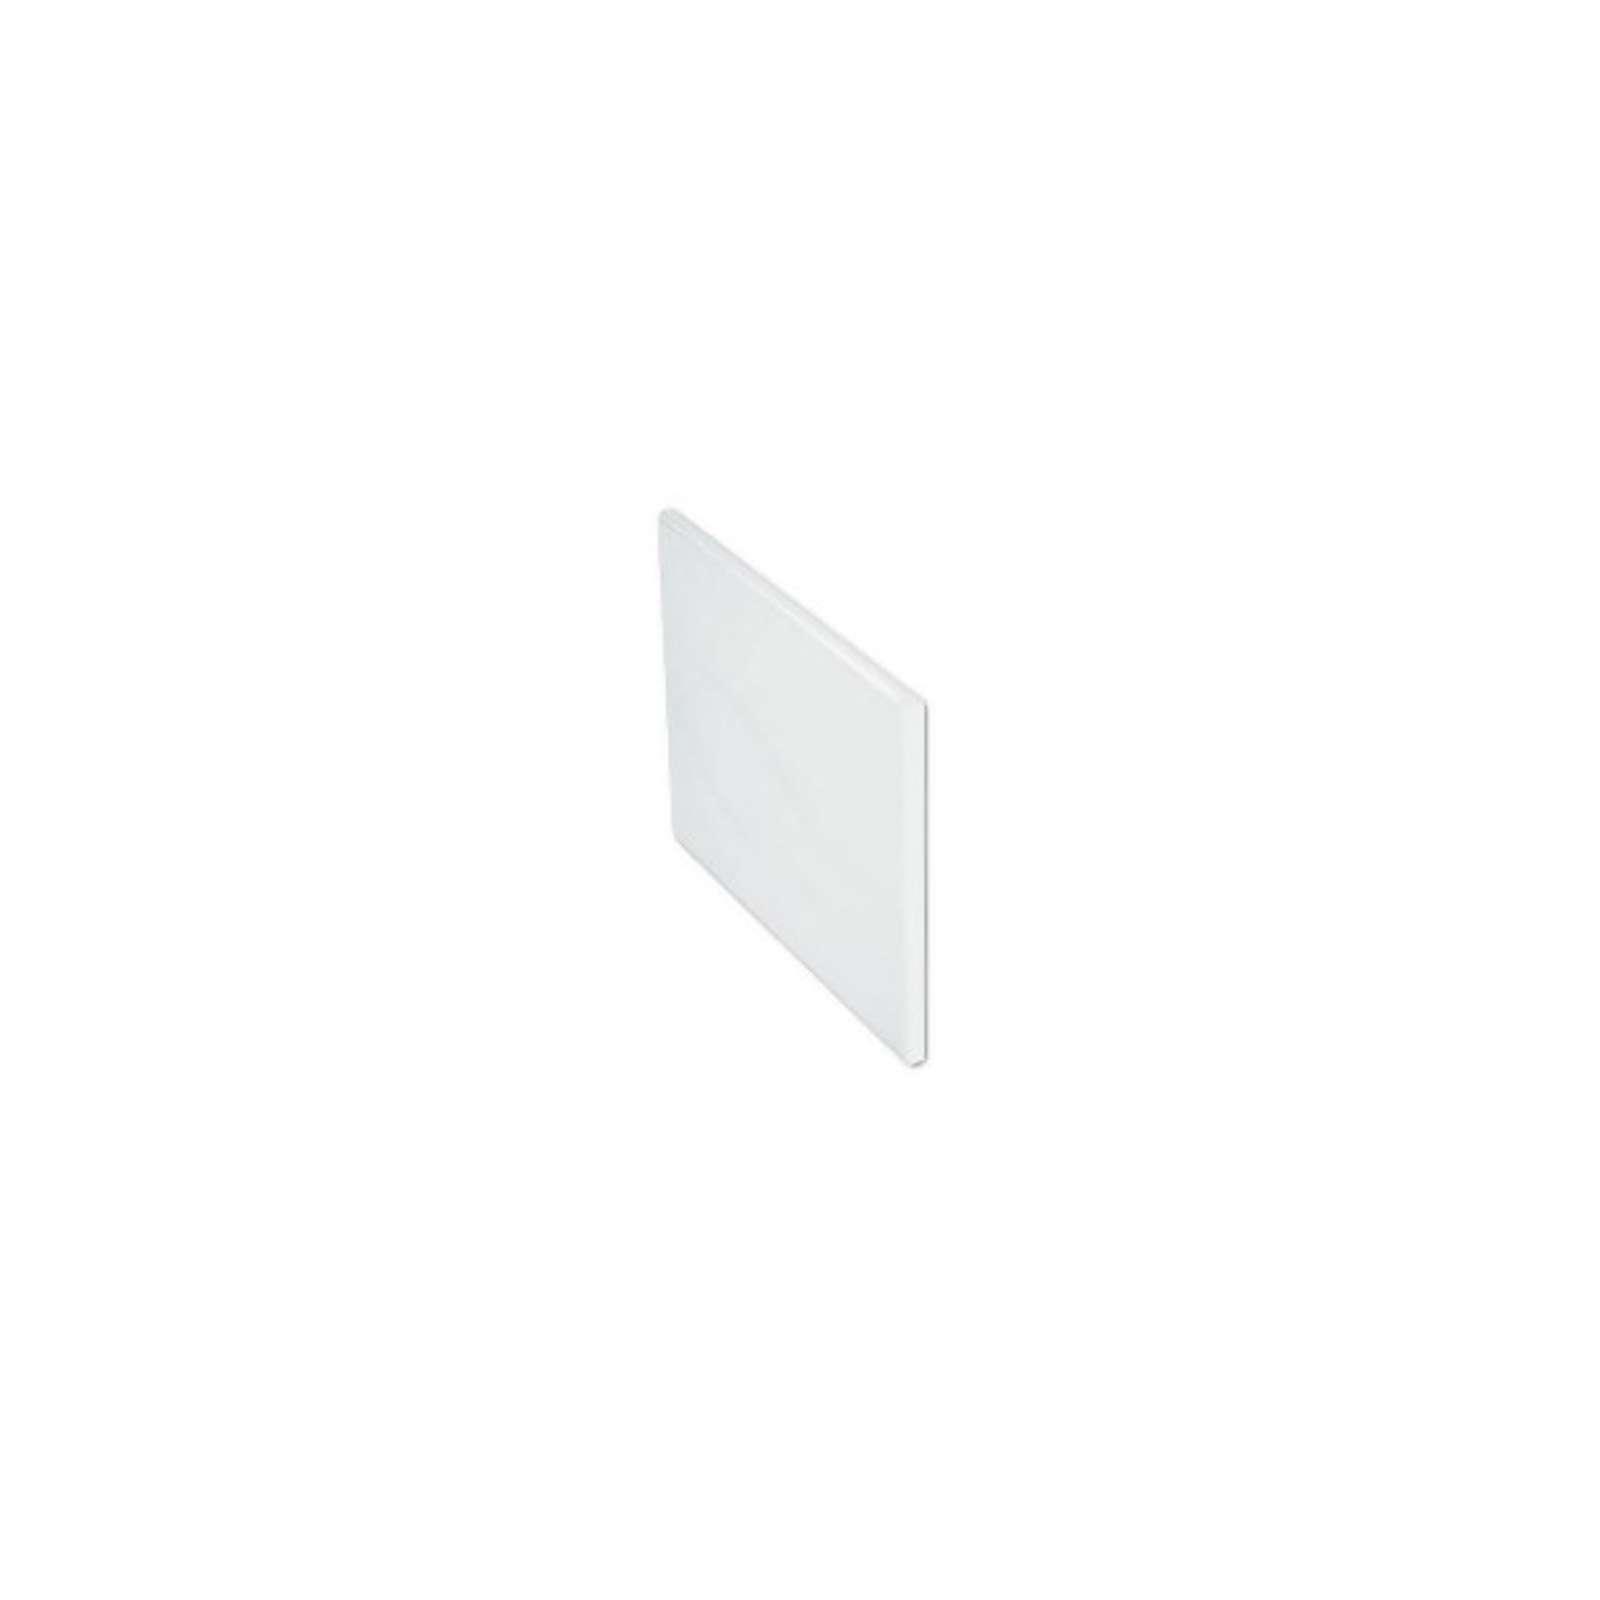 Панель боковая для акриловой ванны Santek Корсика 80 см левая